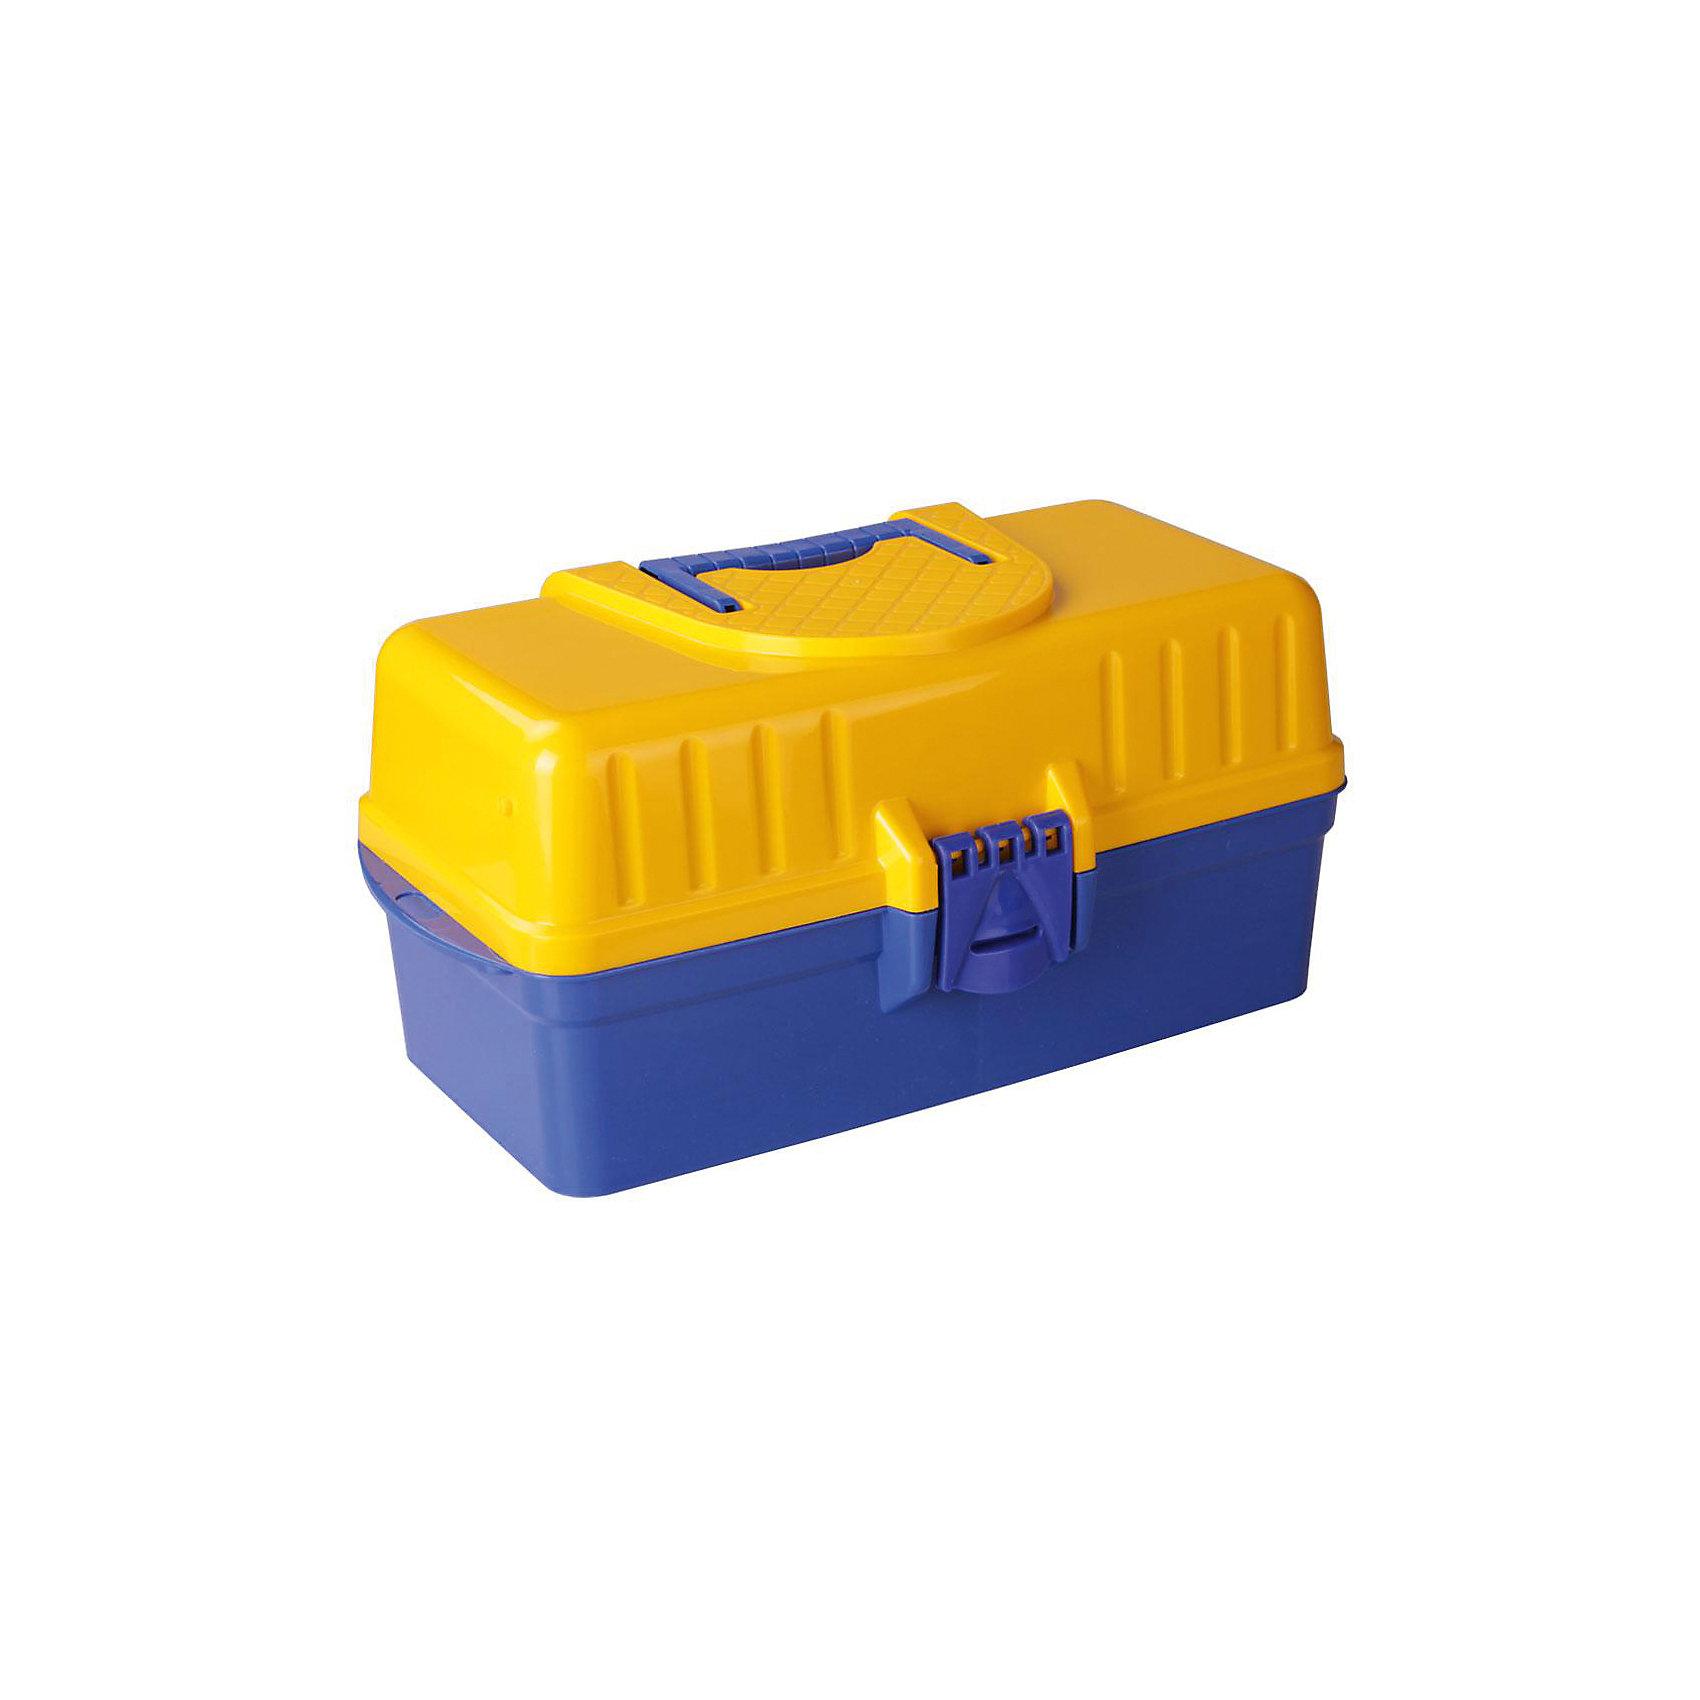 Ящик для инструментов (425х224х200), Alternativa, синий-желтыйПорядок в детской<br>Ящик для инструментов (425х224х200), Alternativa (Альтернатива), синий-желтый.    <br><br>Характеристика:<br><br>• Материал: пластик. <br>• Размер: 45,5х22,4х20 см. <br>• Ручка для переноски. <br>• Закрывается на два клапана.<br>• Удобные выдвигающиеся секции для мелочей. <br>• Легко моется.<br><br>Практичный и вместительный ящик для инструментов - незаменимая вещь в любом доме, а так же на даче или в гараже! Ящик для инструментов Alternativa изготовлен из экологичного прочного пластика, закрывается на два клапана, оформлен ярким рисунком, имеет удобную ручку для переноски. Внутри модели предусмотрены удобные выдвигающиеся секции для хранения мелочей. <br><br>Ящик для инструментов (425х224х200), Alternativa (Альтернатива), синий-желтый, можно купить в нашем магазине.<br><br>Ширина мм: 425<br>Глубина мм: 224<br>Высота мм: 200<br>Вес г: 1129<br>Возраст от месяцев: 6<br>Возраст до месяцев: 84<br>Пол: Унисекс<br>Возраст: Детский<br>SKU: 5096729